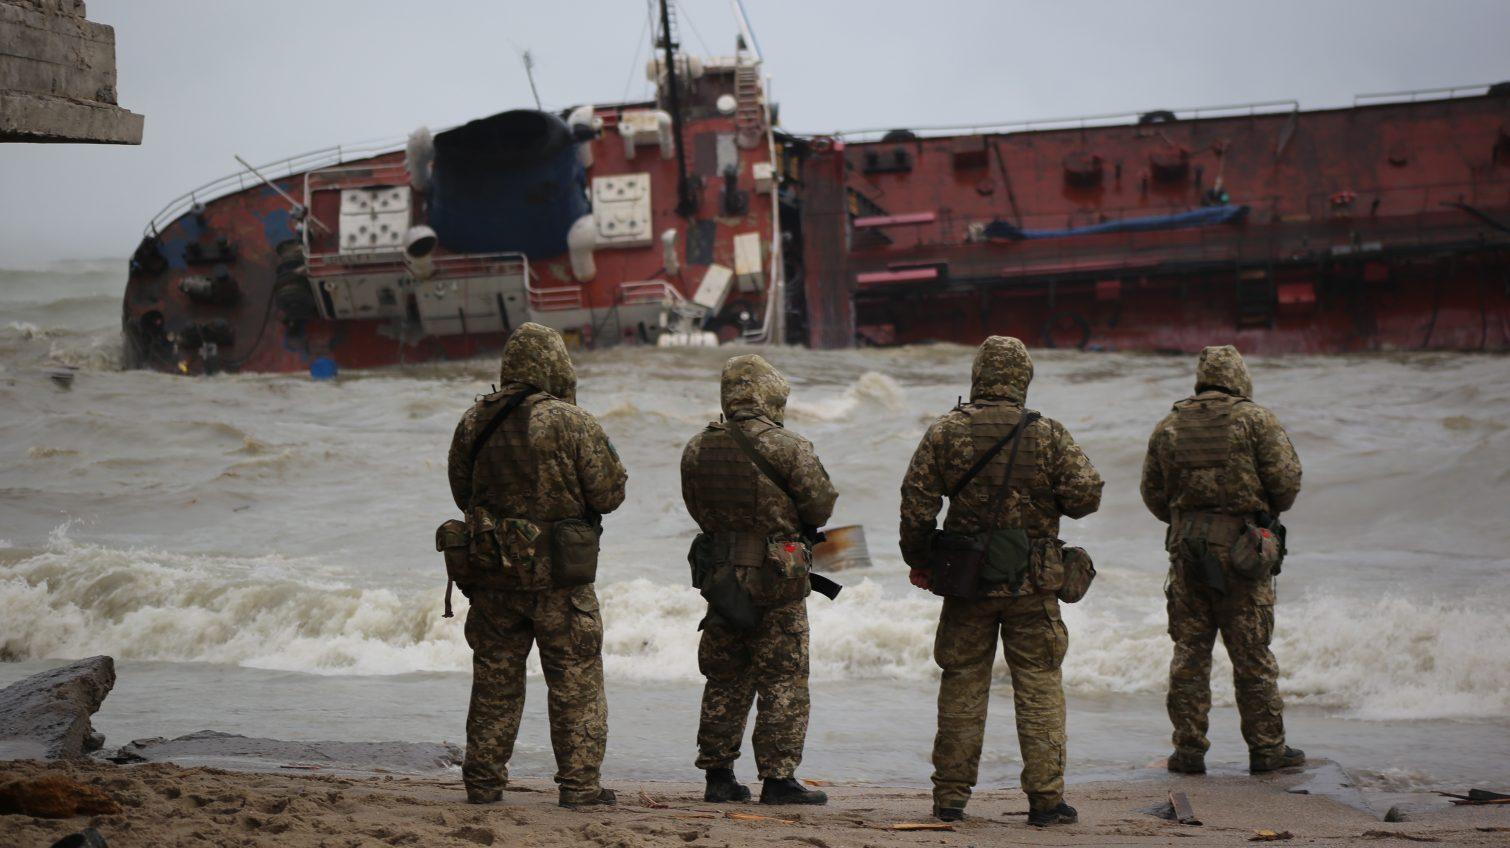 Кораблекрушение в Одессе: танкер выбросило на пляж «Дельфин» (фоторепортаж, видео) «фото»